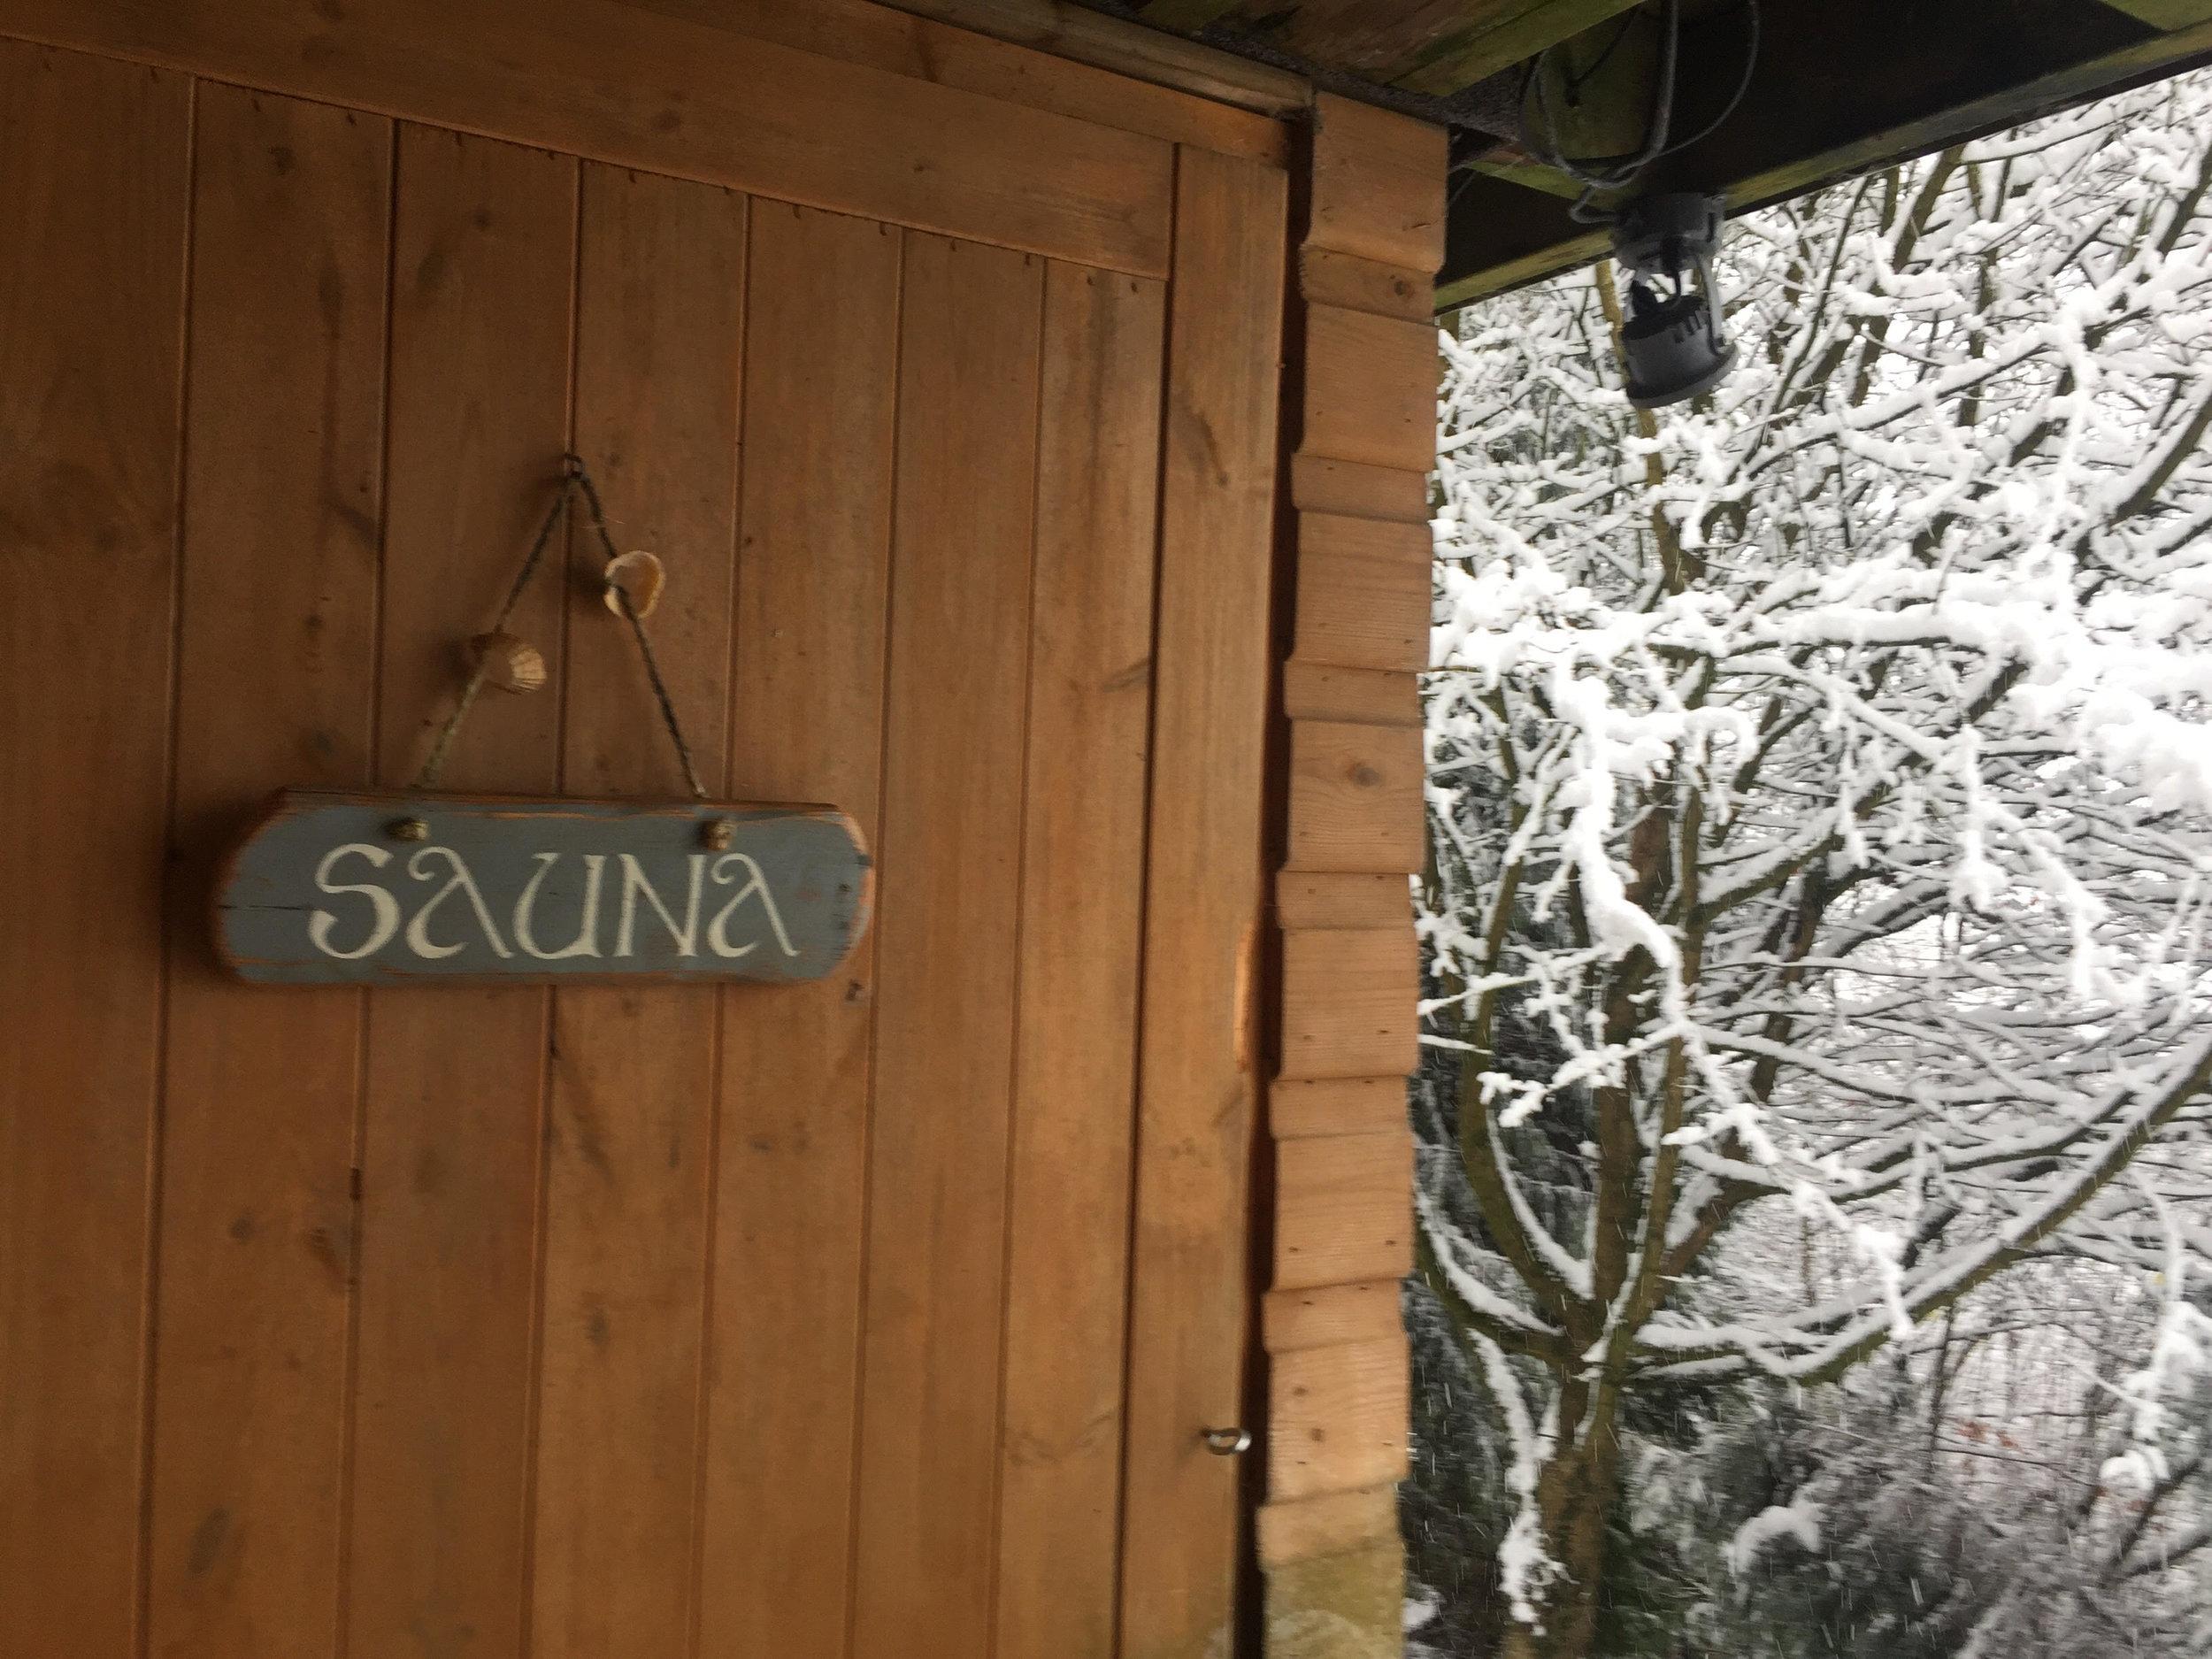 sauna door.jpg